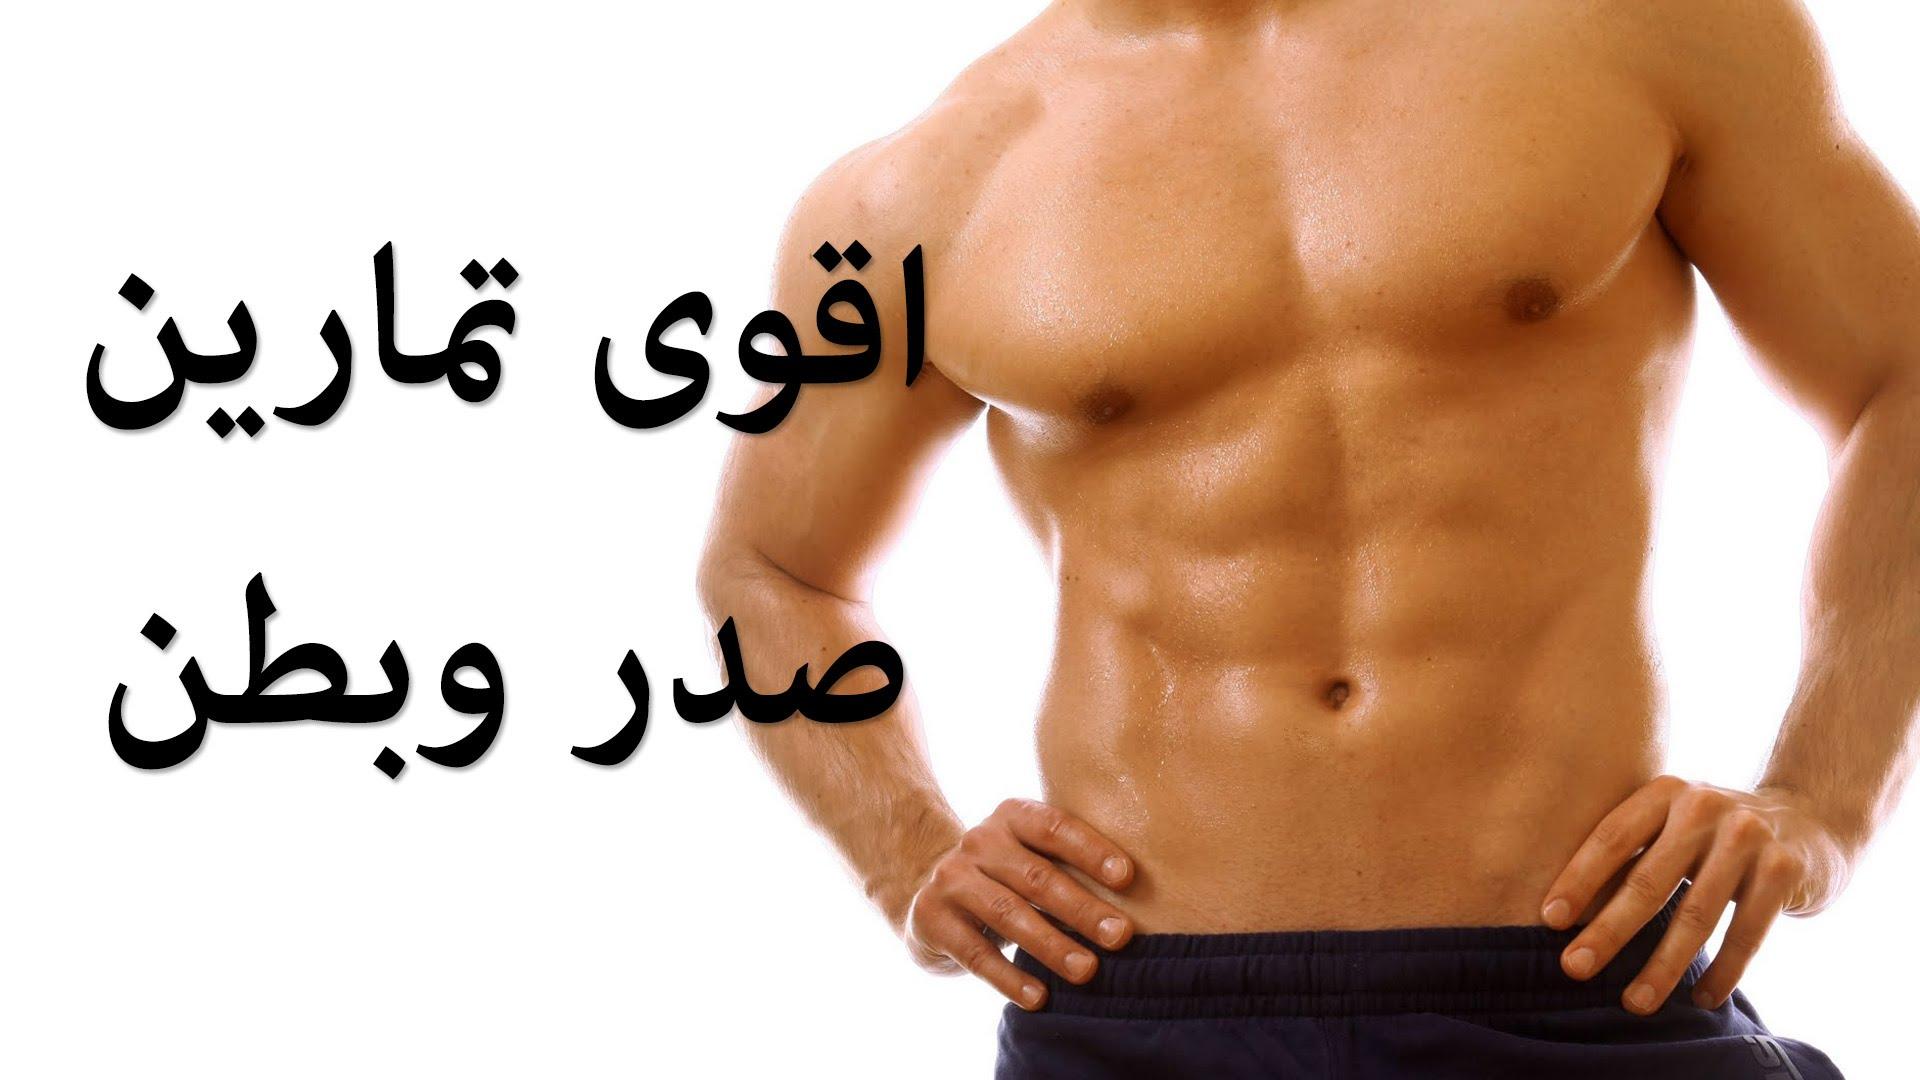 صوره تمرين العضلات , كيفيه الحفاظ على الجسم